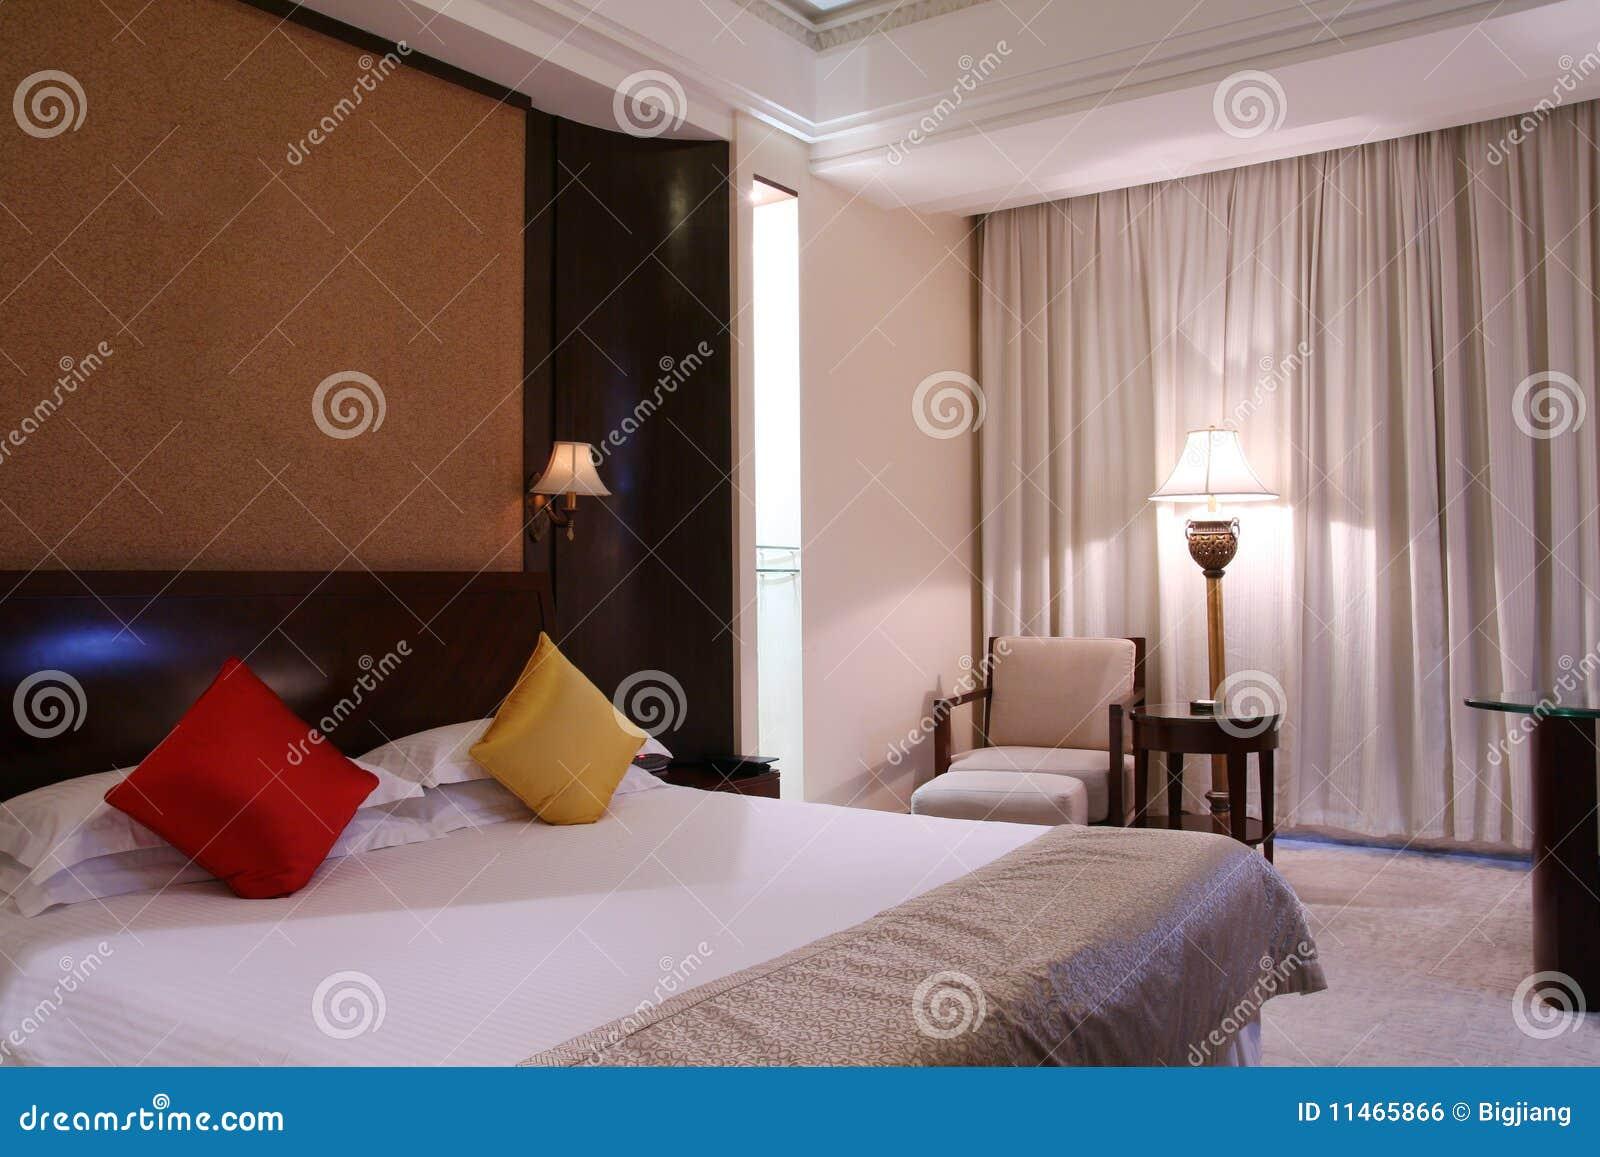 De Slaapkamer Van Het Hotel Royalty-vrije Stock Afbeelding ...